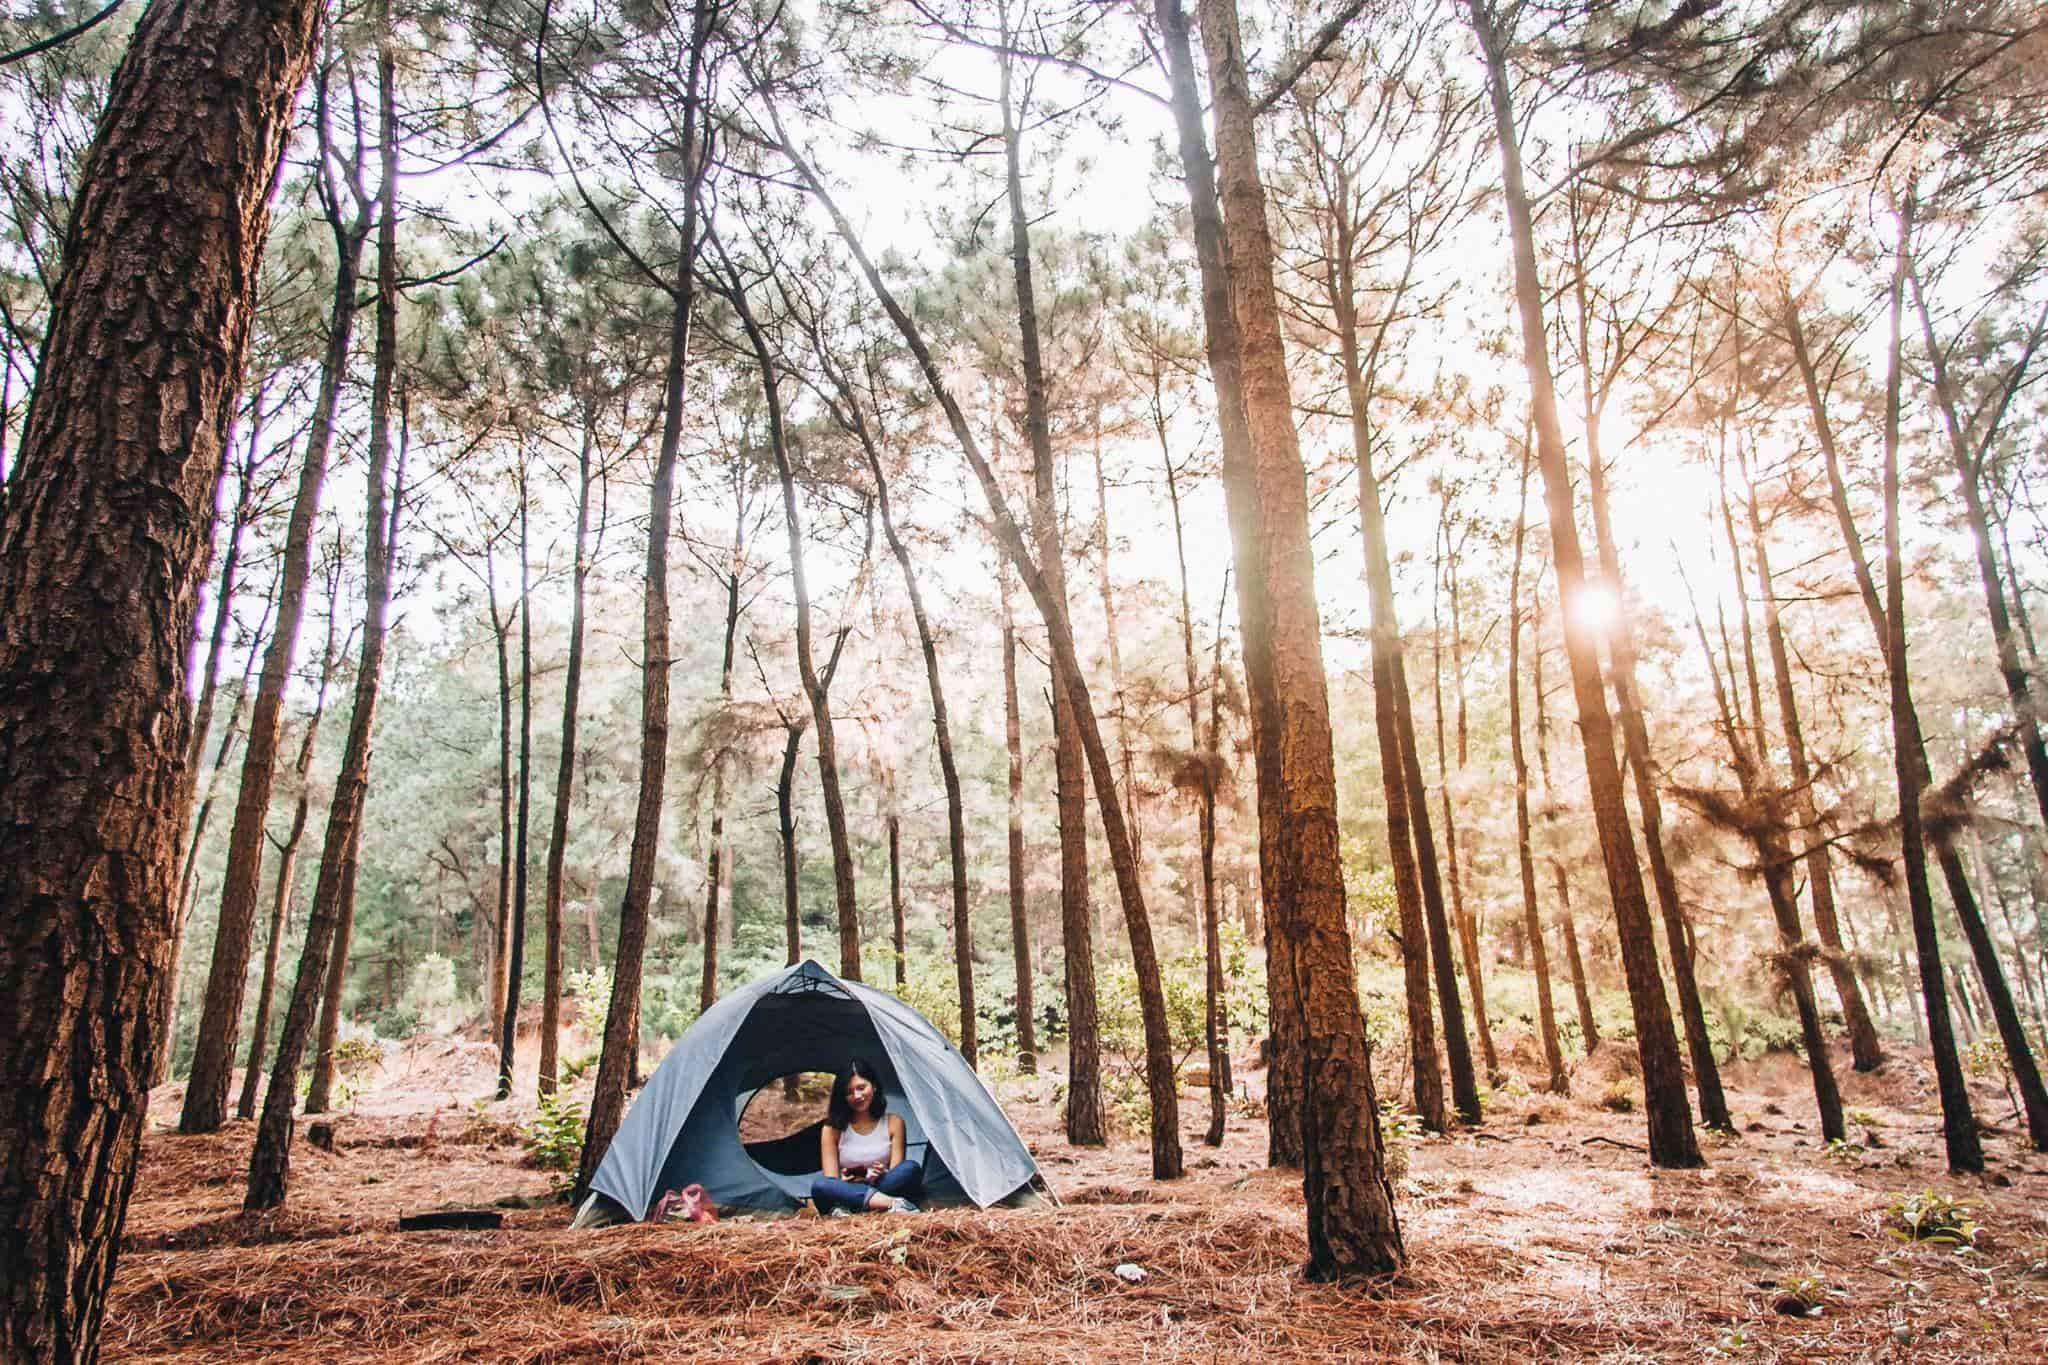 đi dã ngoại cắm trại ở núi hàm lợn